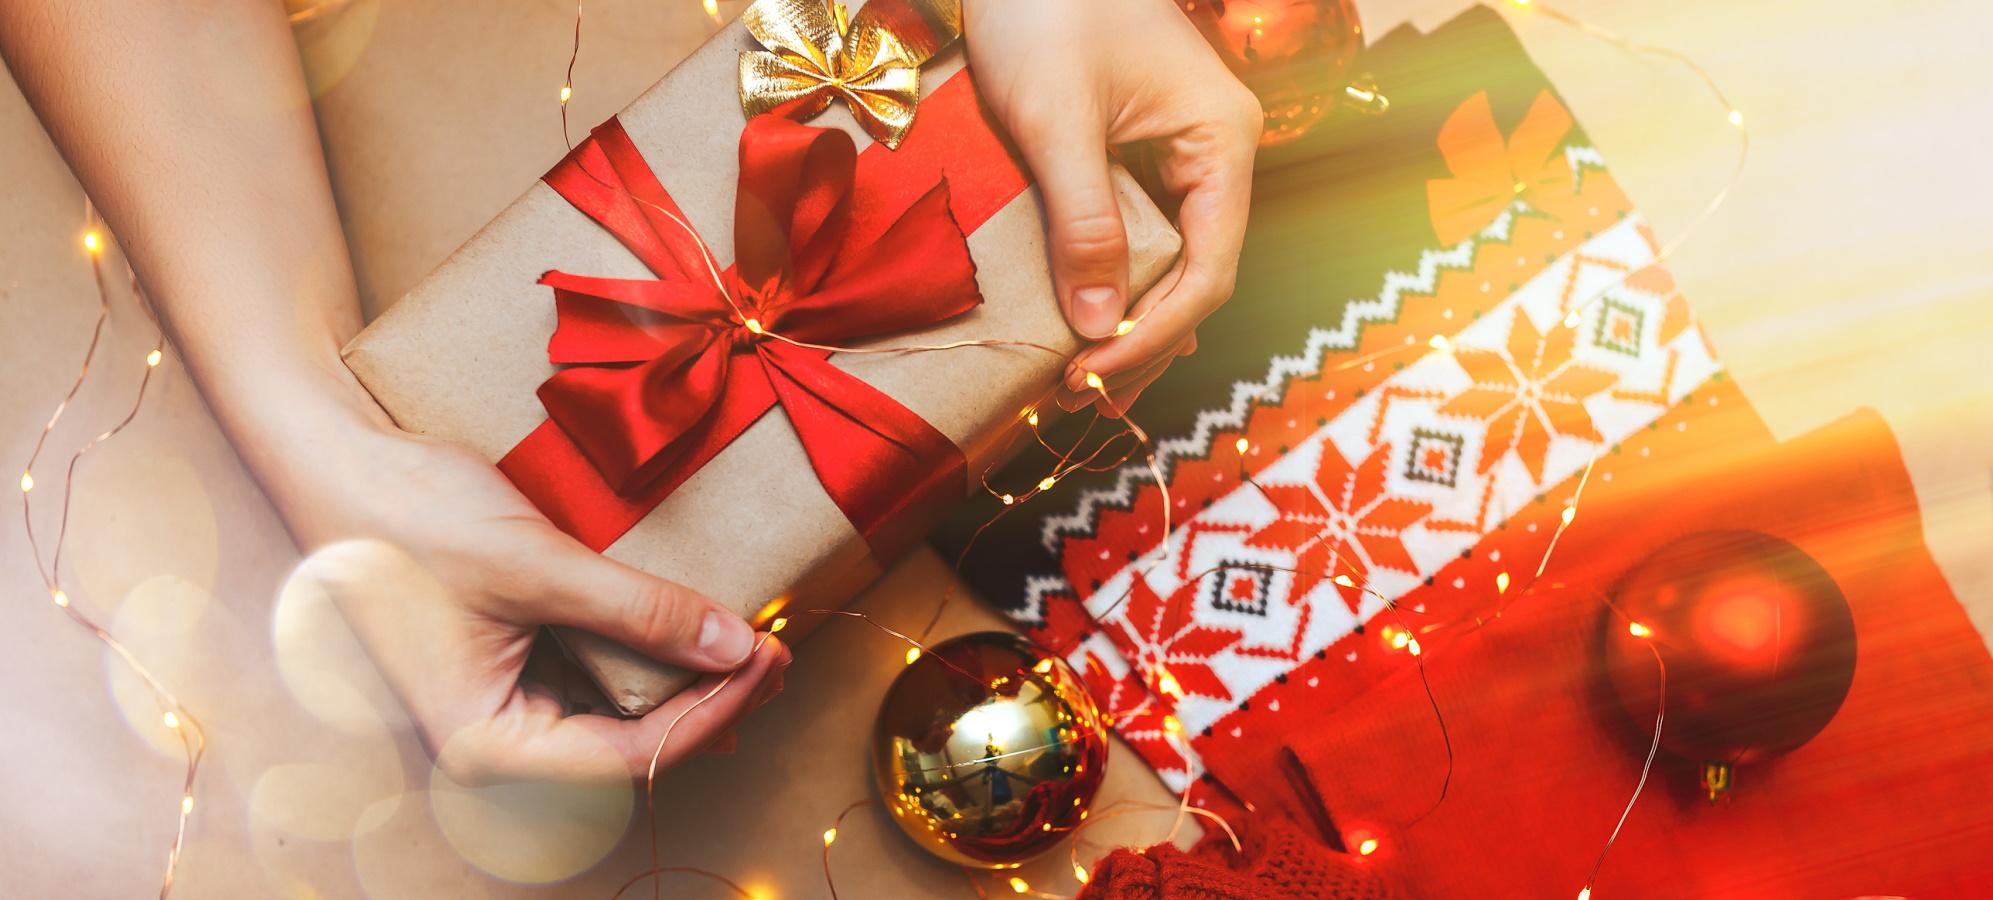 <p>Коледните празници изискват от нас десетки идеи за подаръци, заради които много често забравяме за себе си. Как да зарадваме себе си, докато избираме подарък за близките, вижте в 10 идеи за подаръци, които да вземете и за себе си.</p>